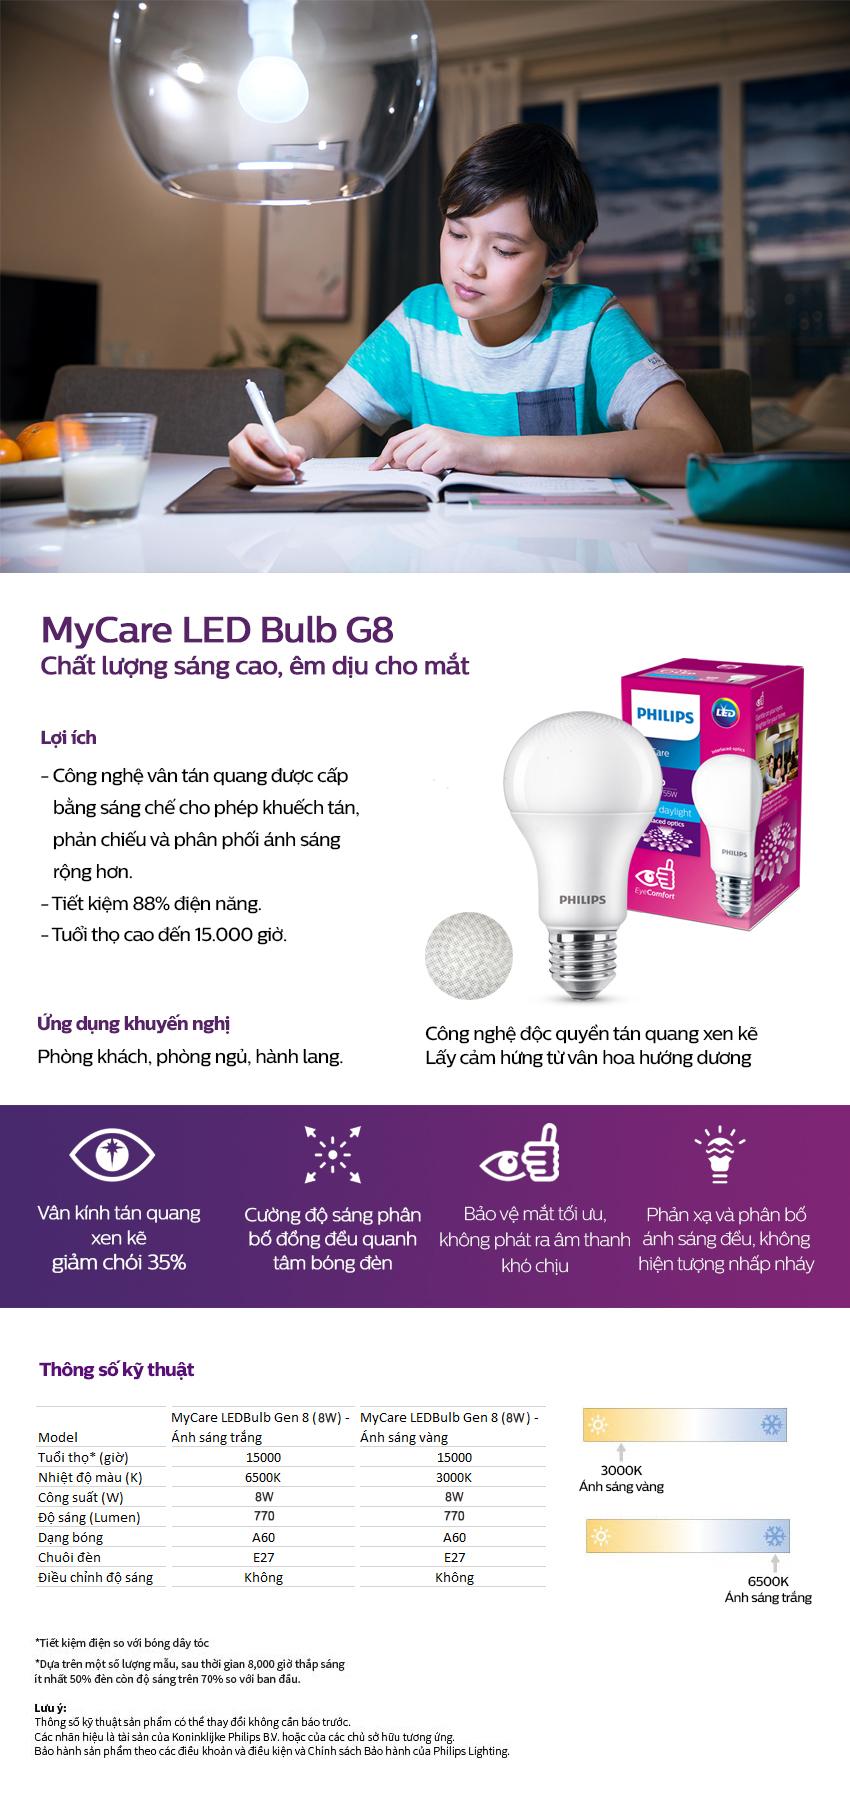 Bóng đèn Philips LED MyCare 8W 6500K E27 A60 929001915537 - Ánh sáng trắng